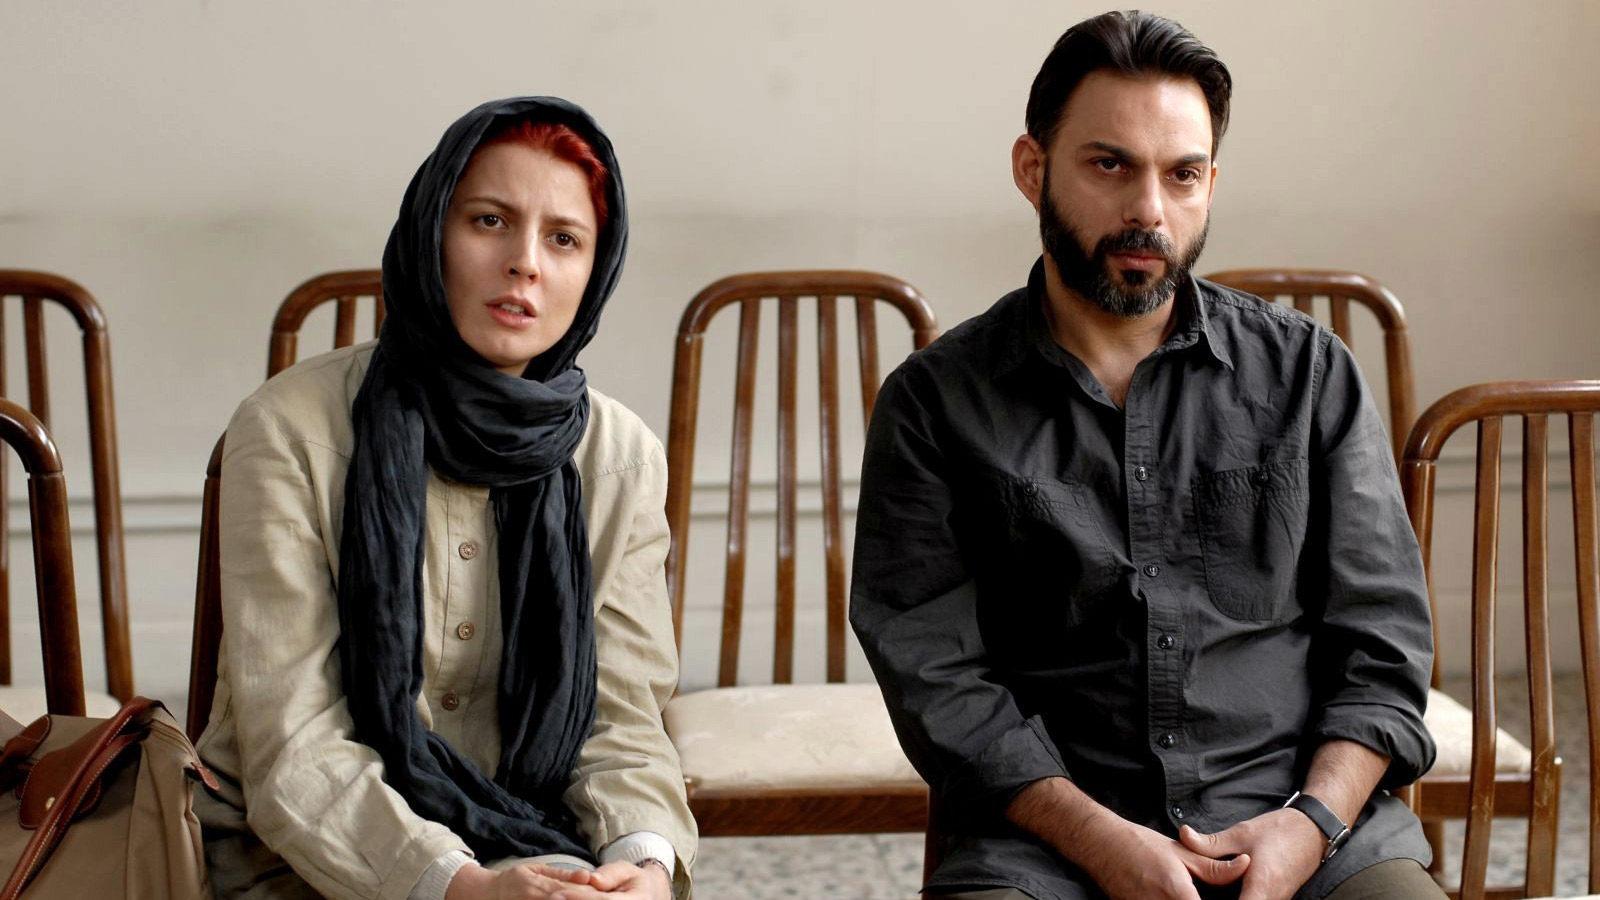 در ادامه این مطلب قصد داریم شما را با 5 فیلم ایرانی که در تاریخ سینمای ایران نامزد دریافت جایزه اسکار شده اند آشنا کنیم